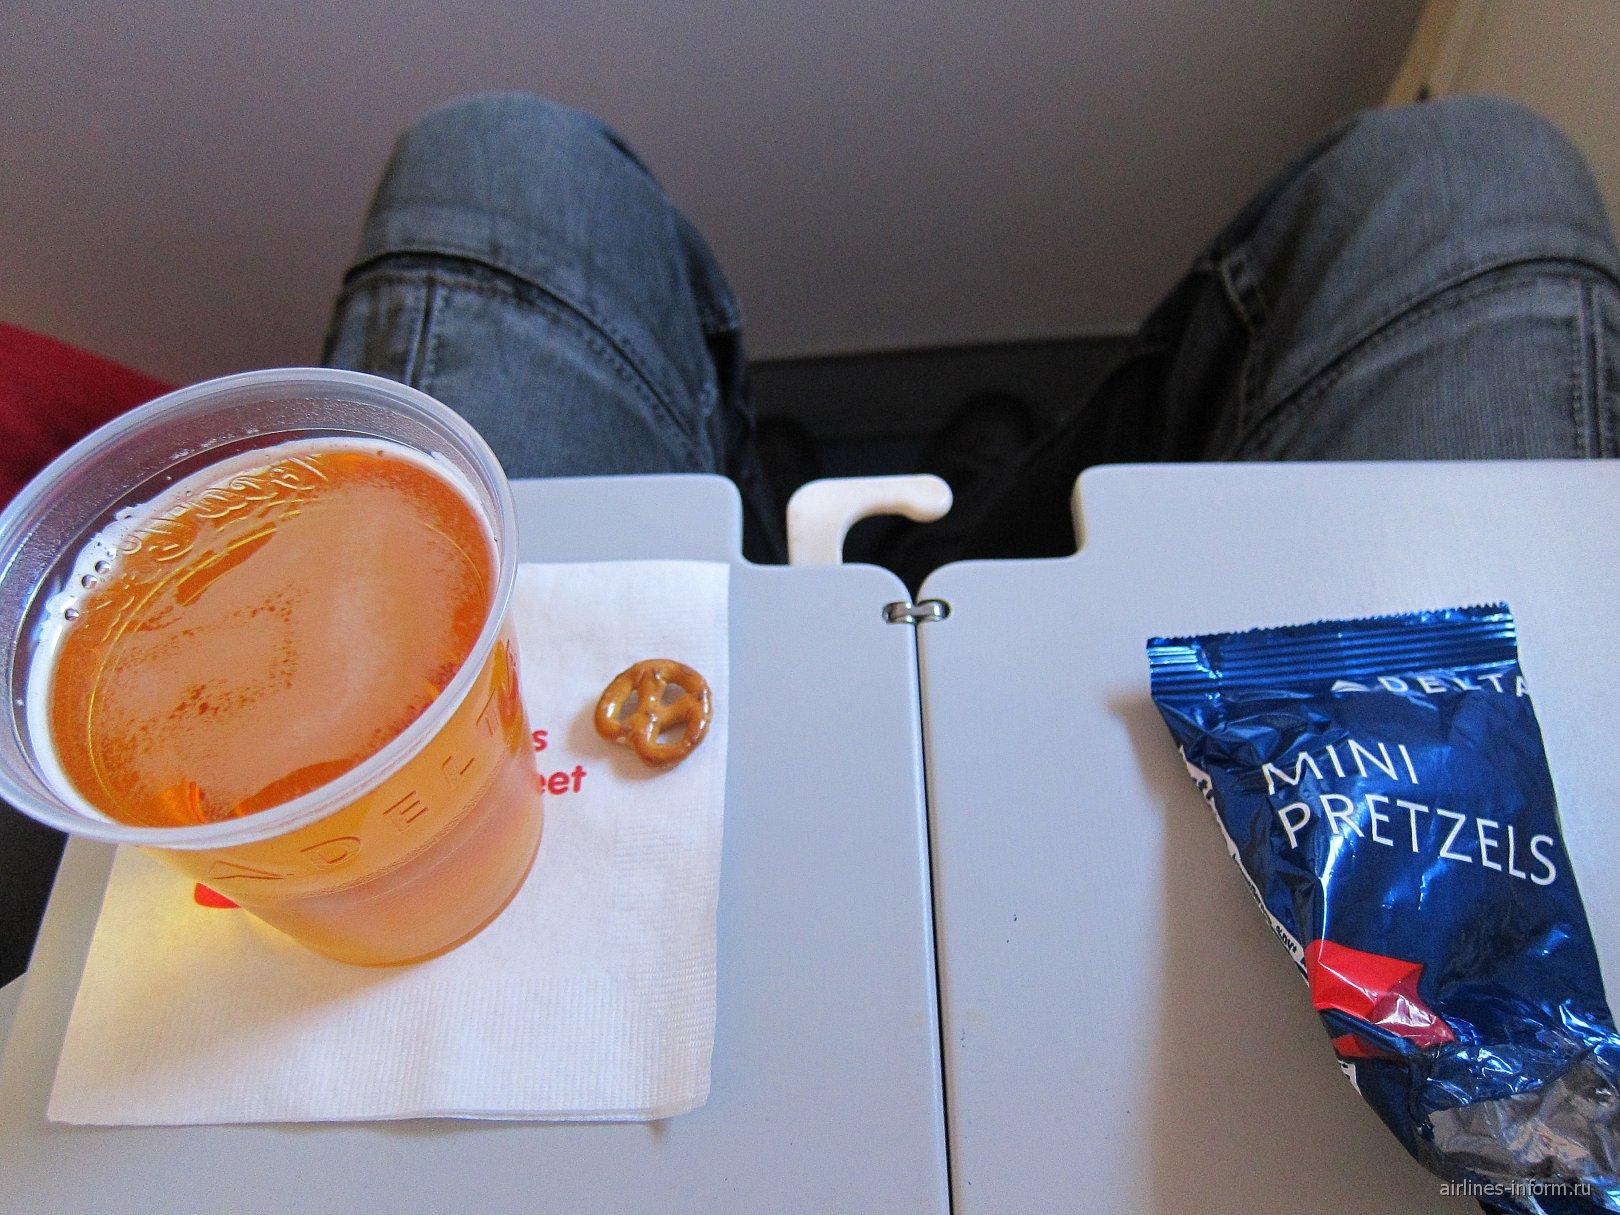 Питание на рейсе Москва-Нью-Йорк авиакомпании Дельта